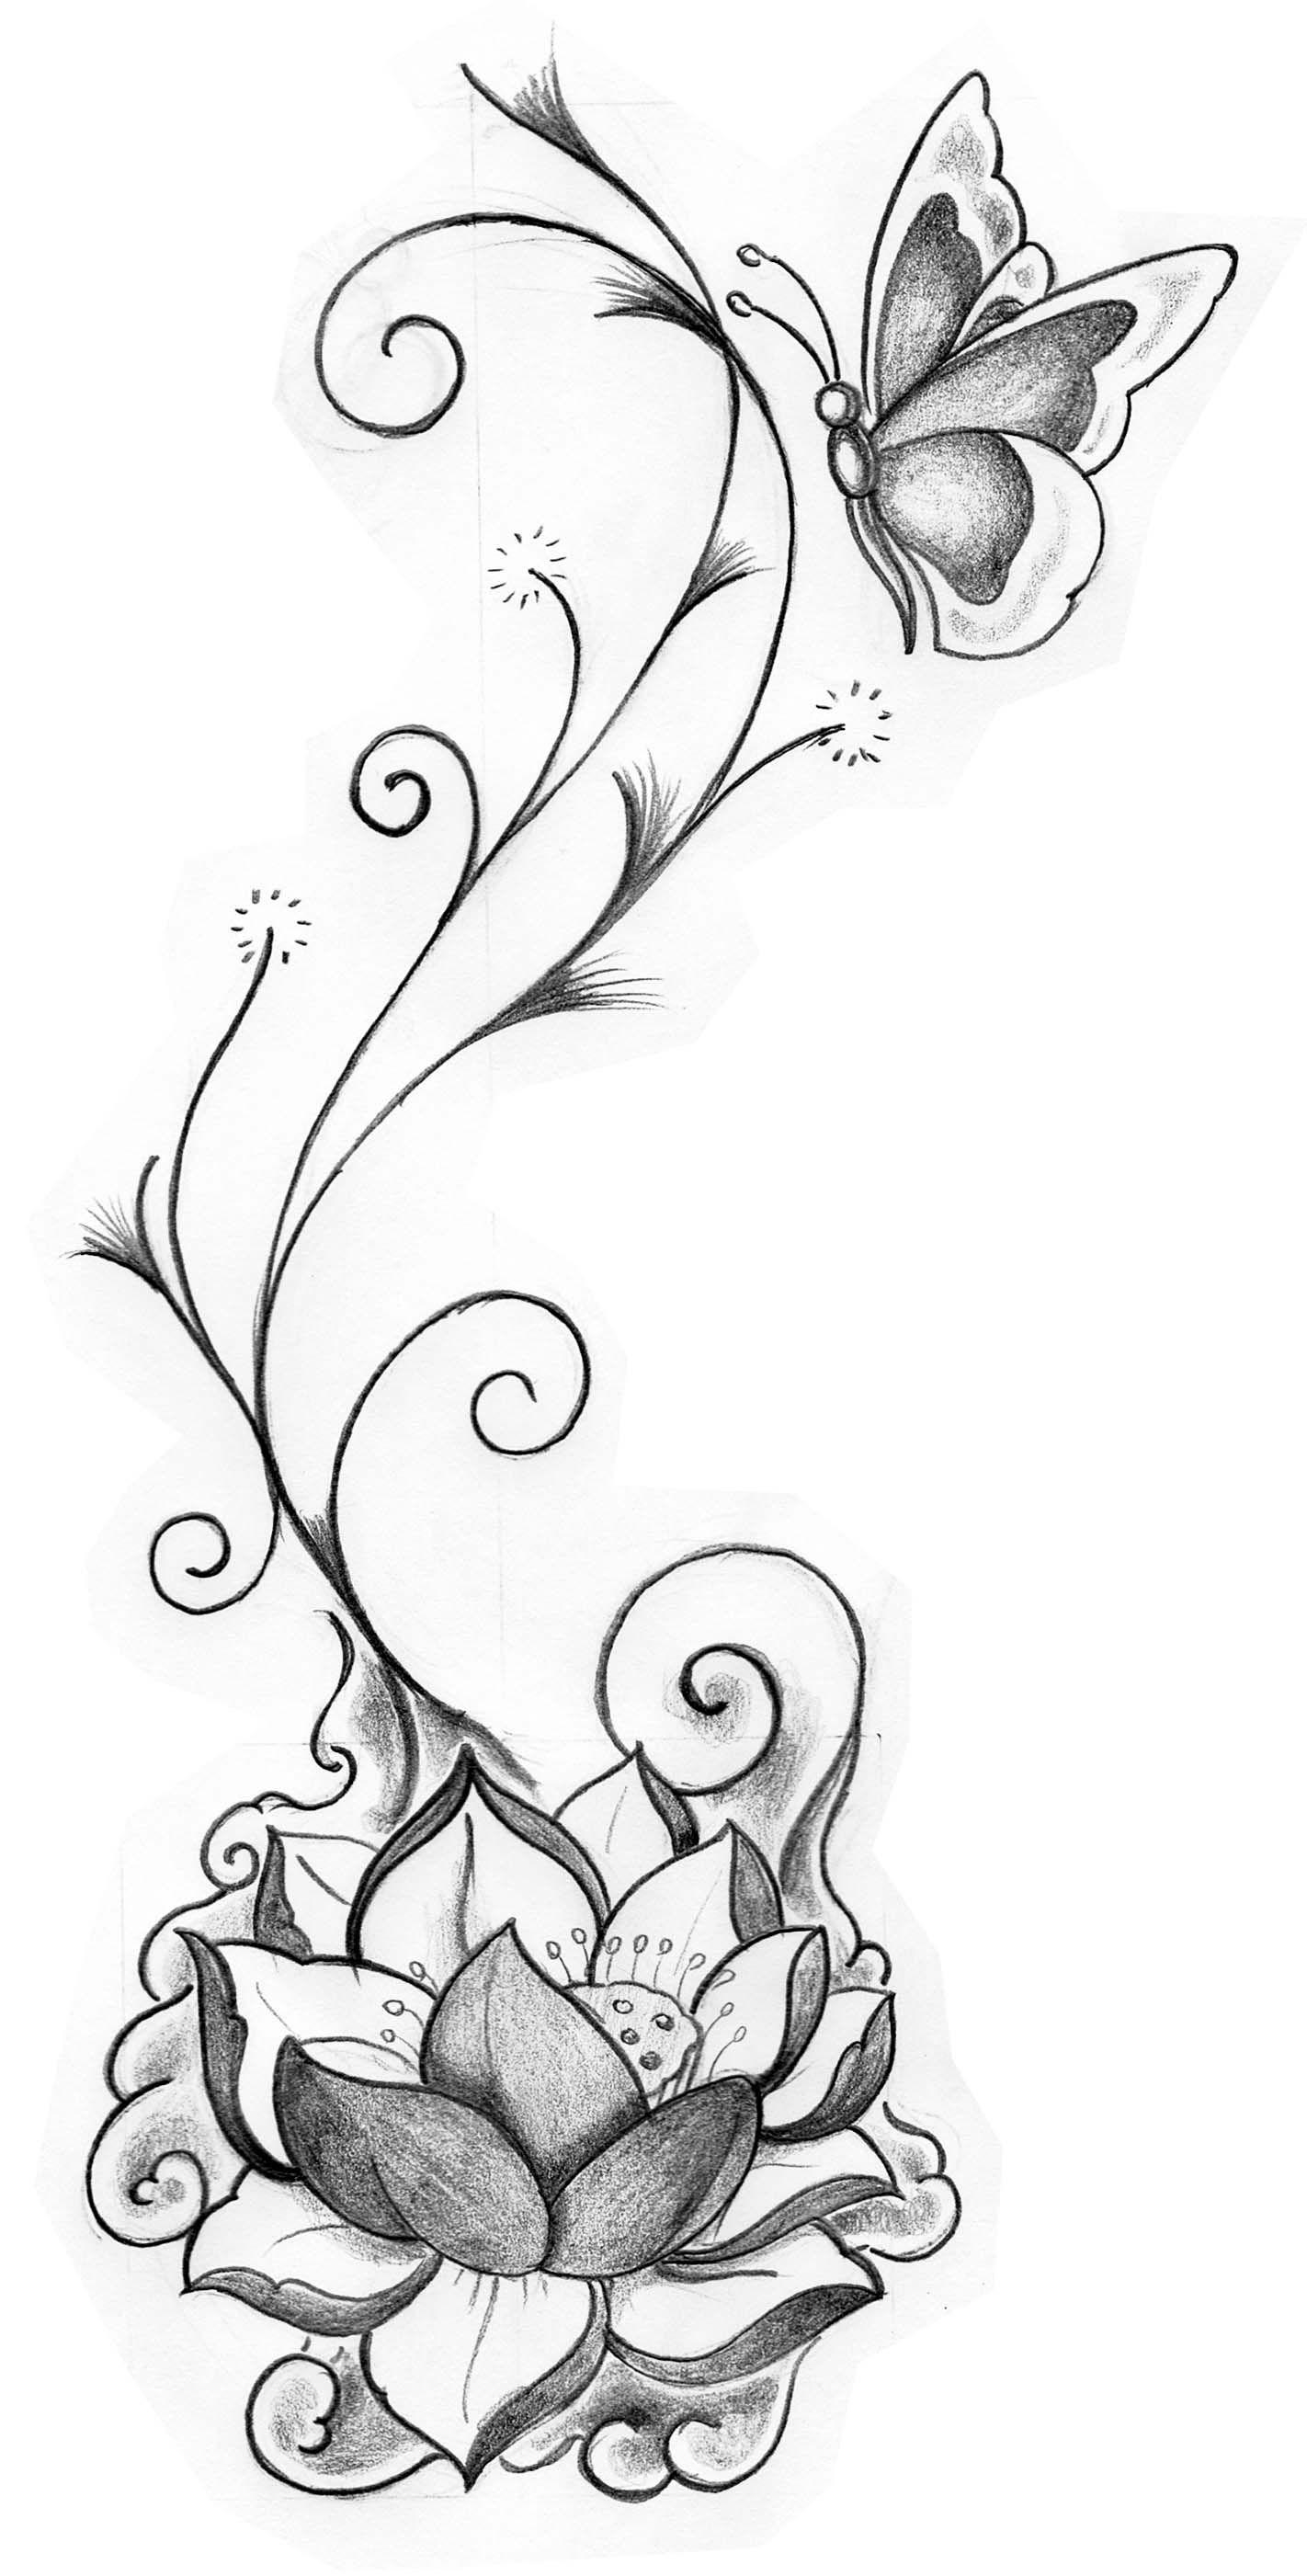 imagenes de mariposas vectorizadas - Buscar con Google | blanco y ...